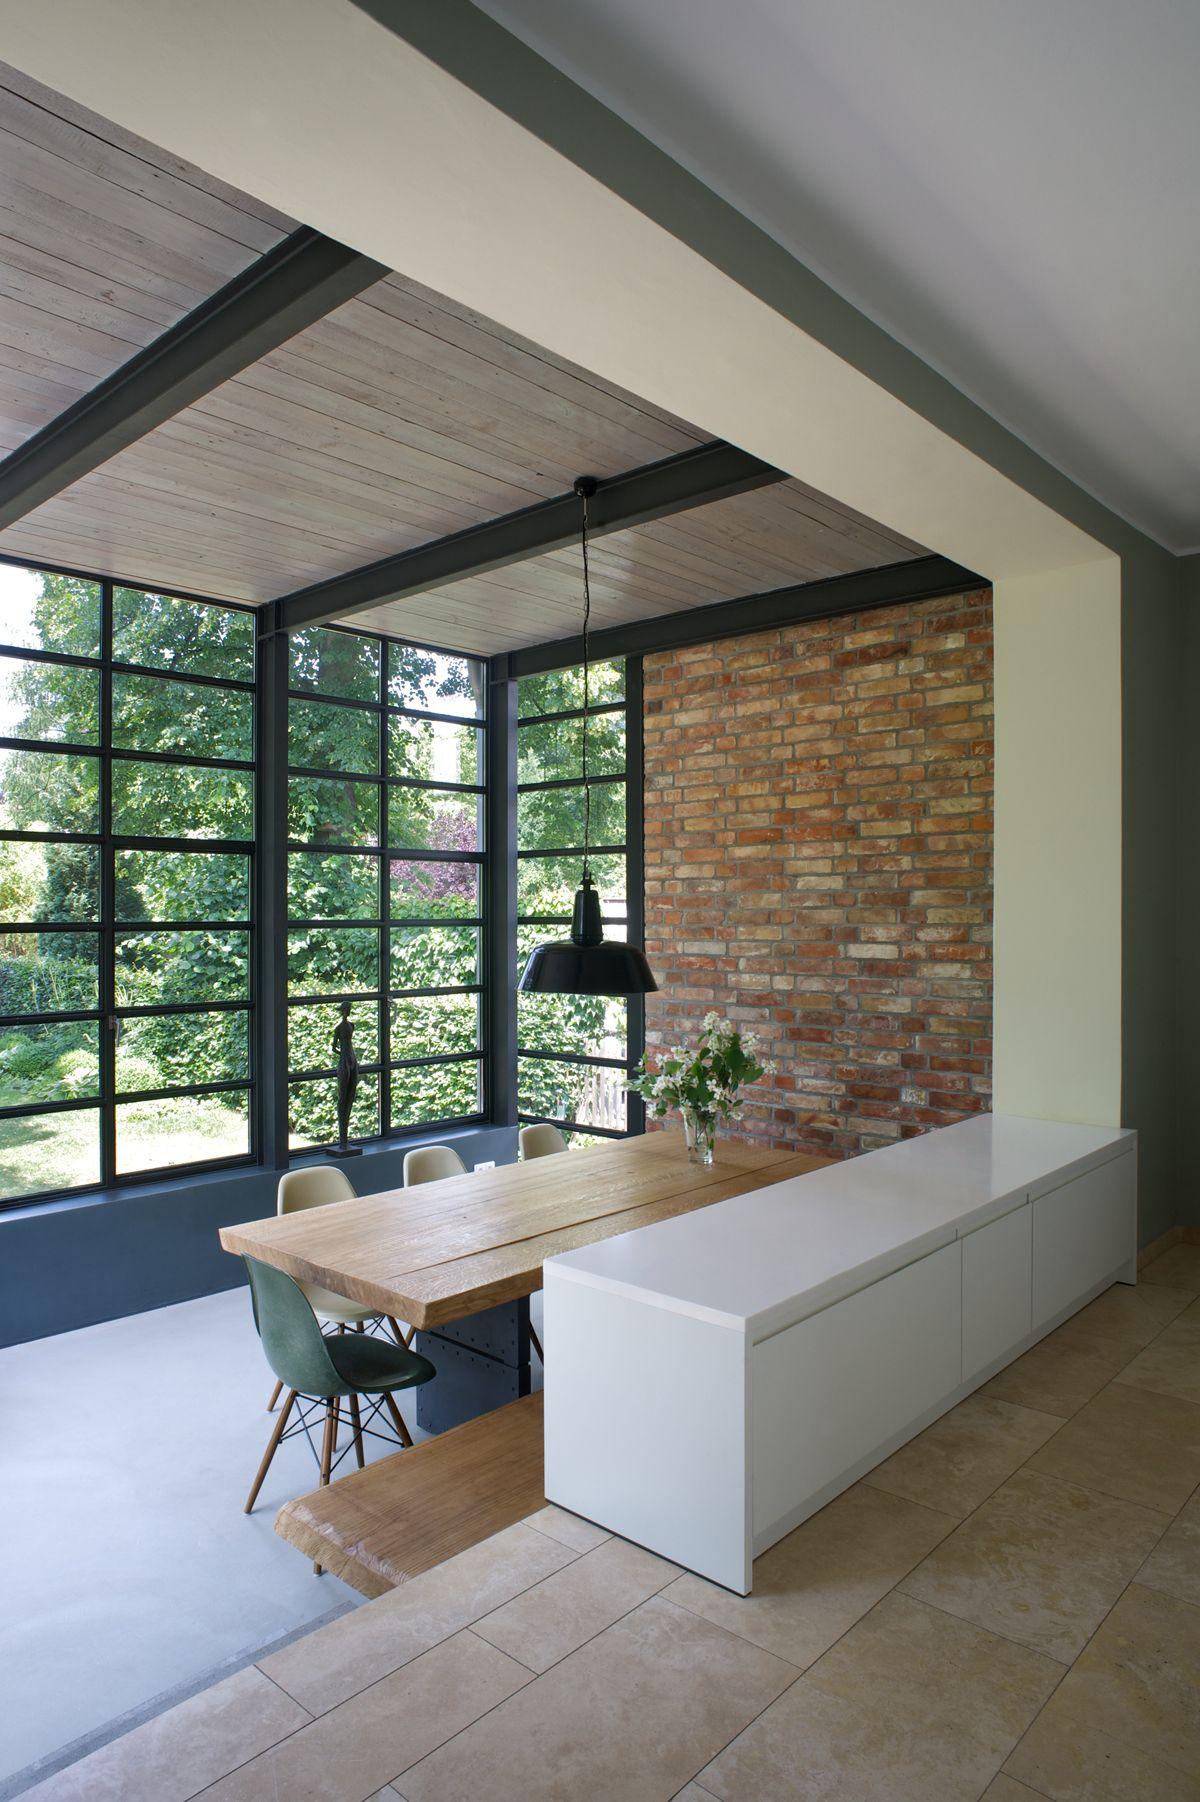 Blick ins Grüne von Wohnzimmer - Anbau Esszimmer, Küche an Siedlerhaus 30er Jahre - Architekturobjekte